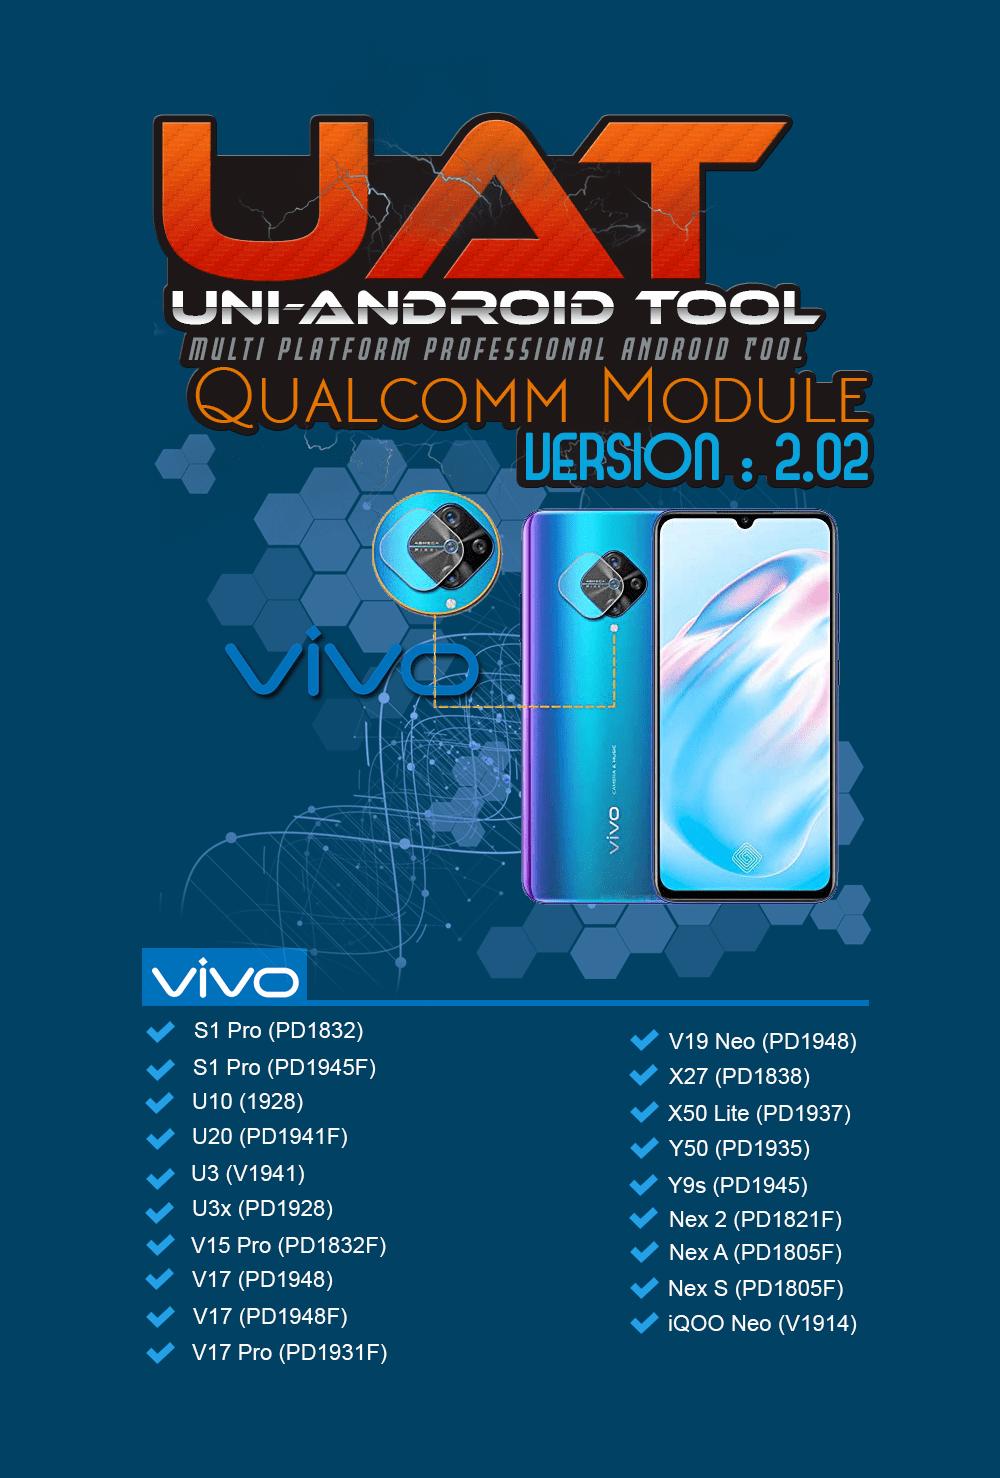 Uni-Android Tool [UAT] Qualcomm Module Ver 2.02 -VIVO Update [05.10.2020]